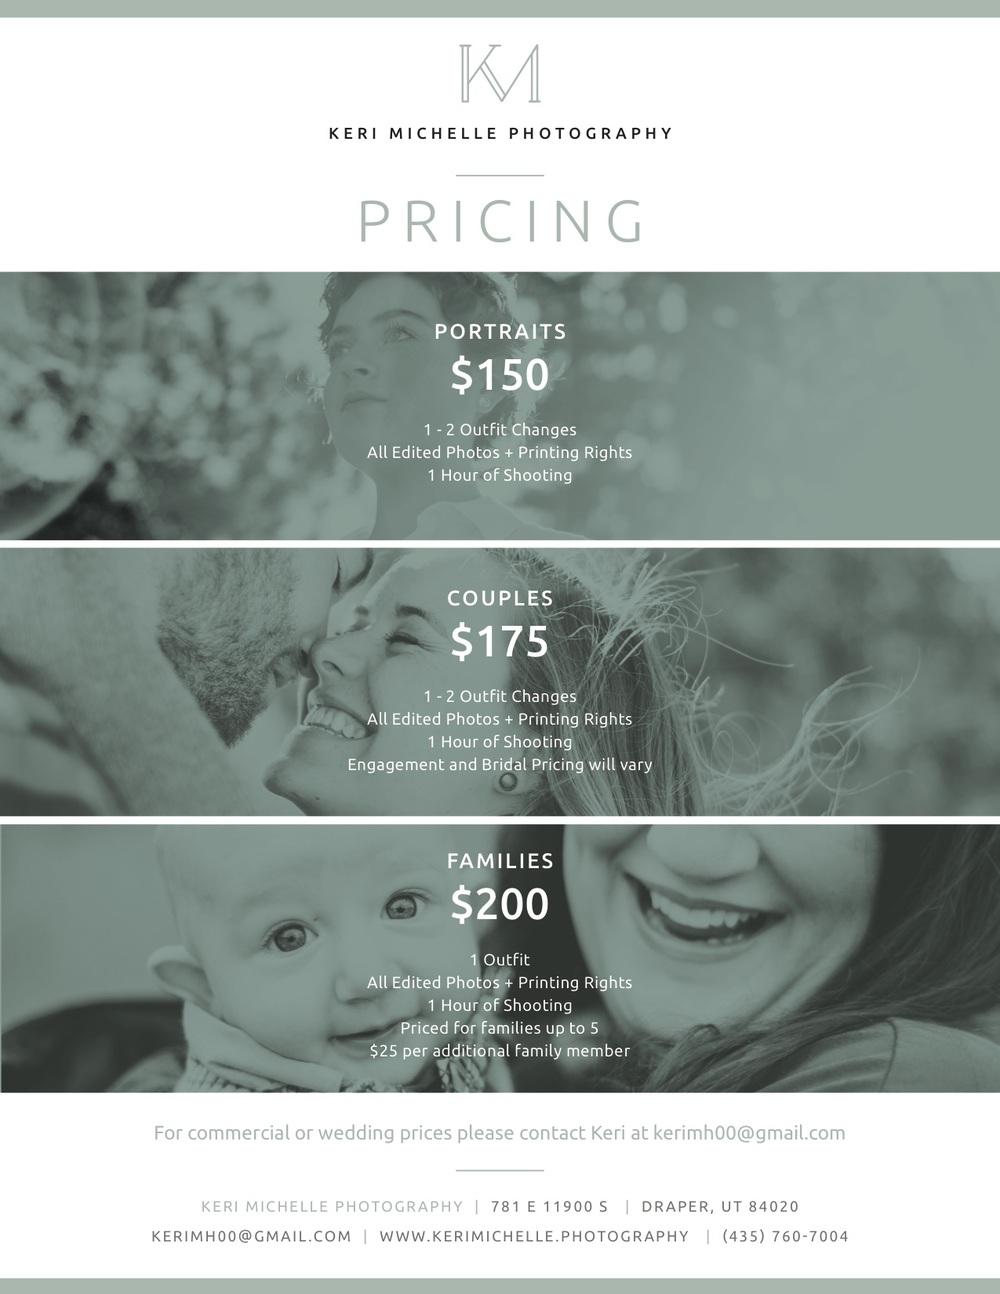 KM-PriceGuide.jpg